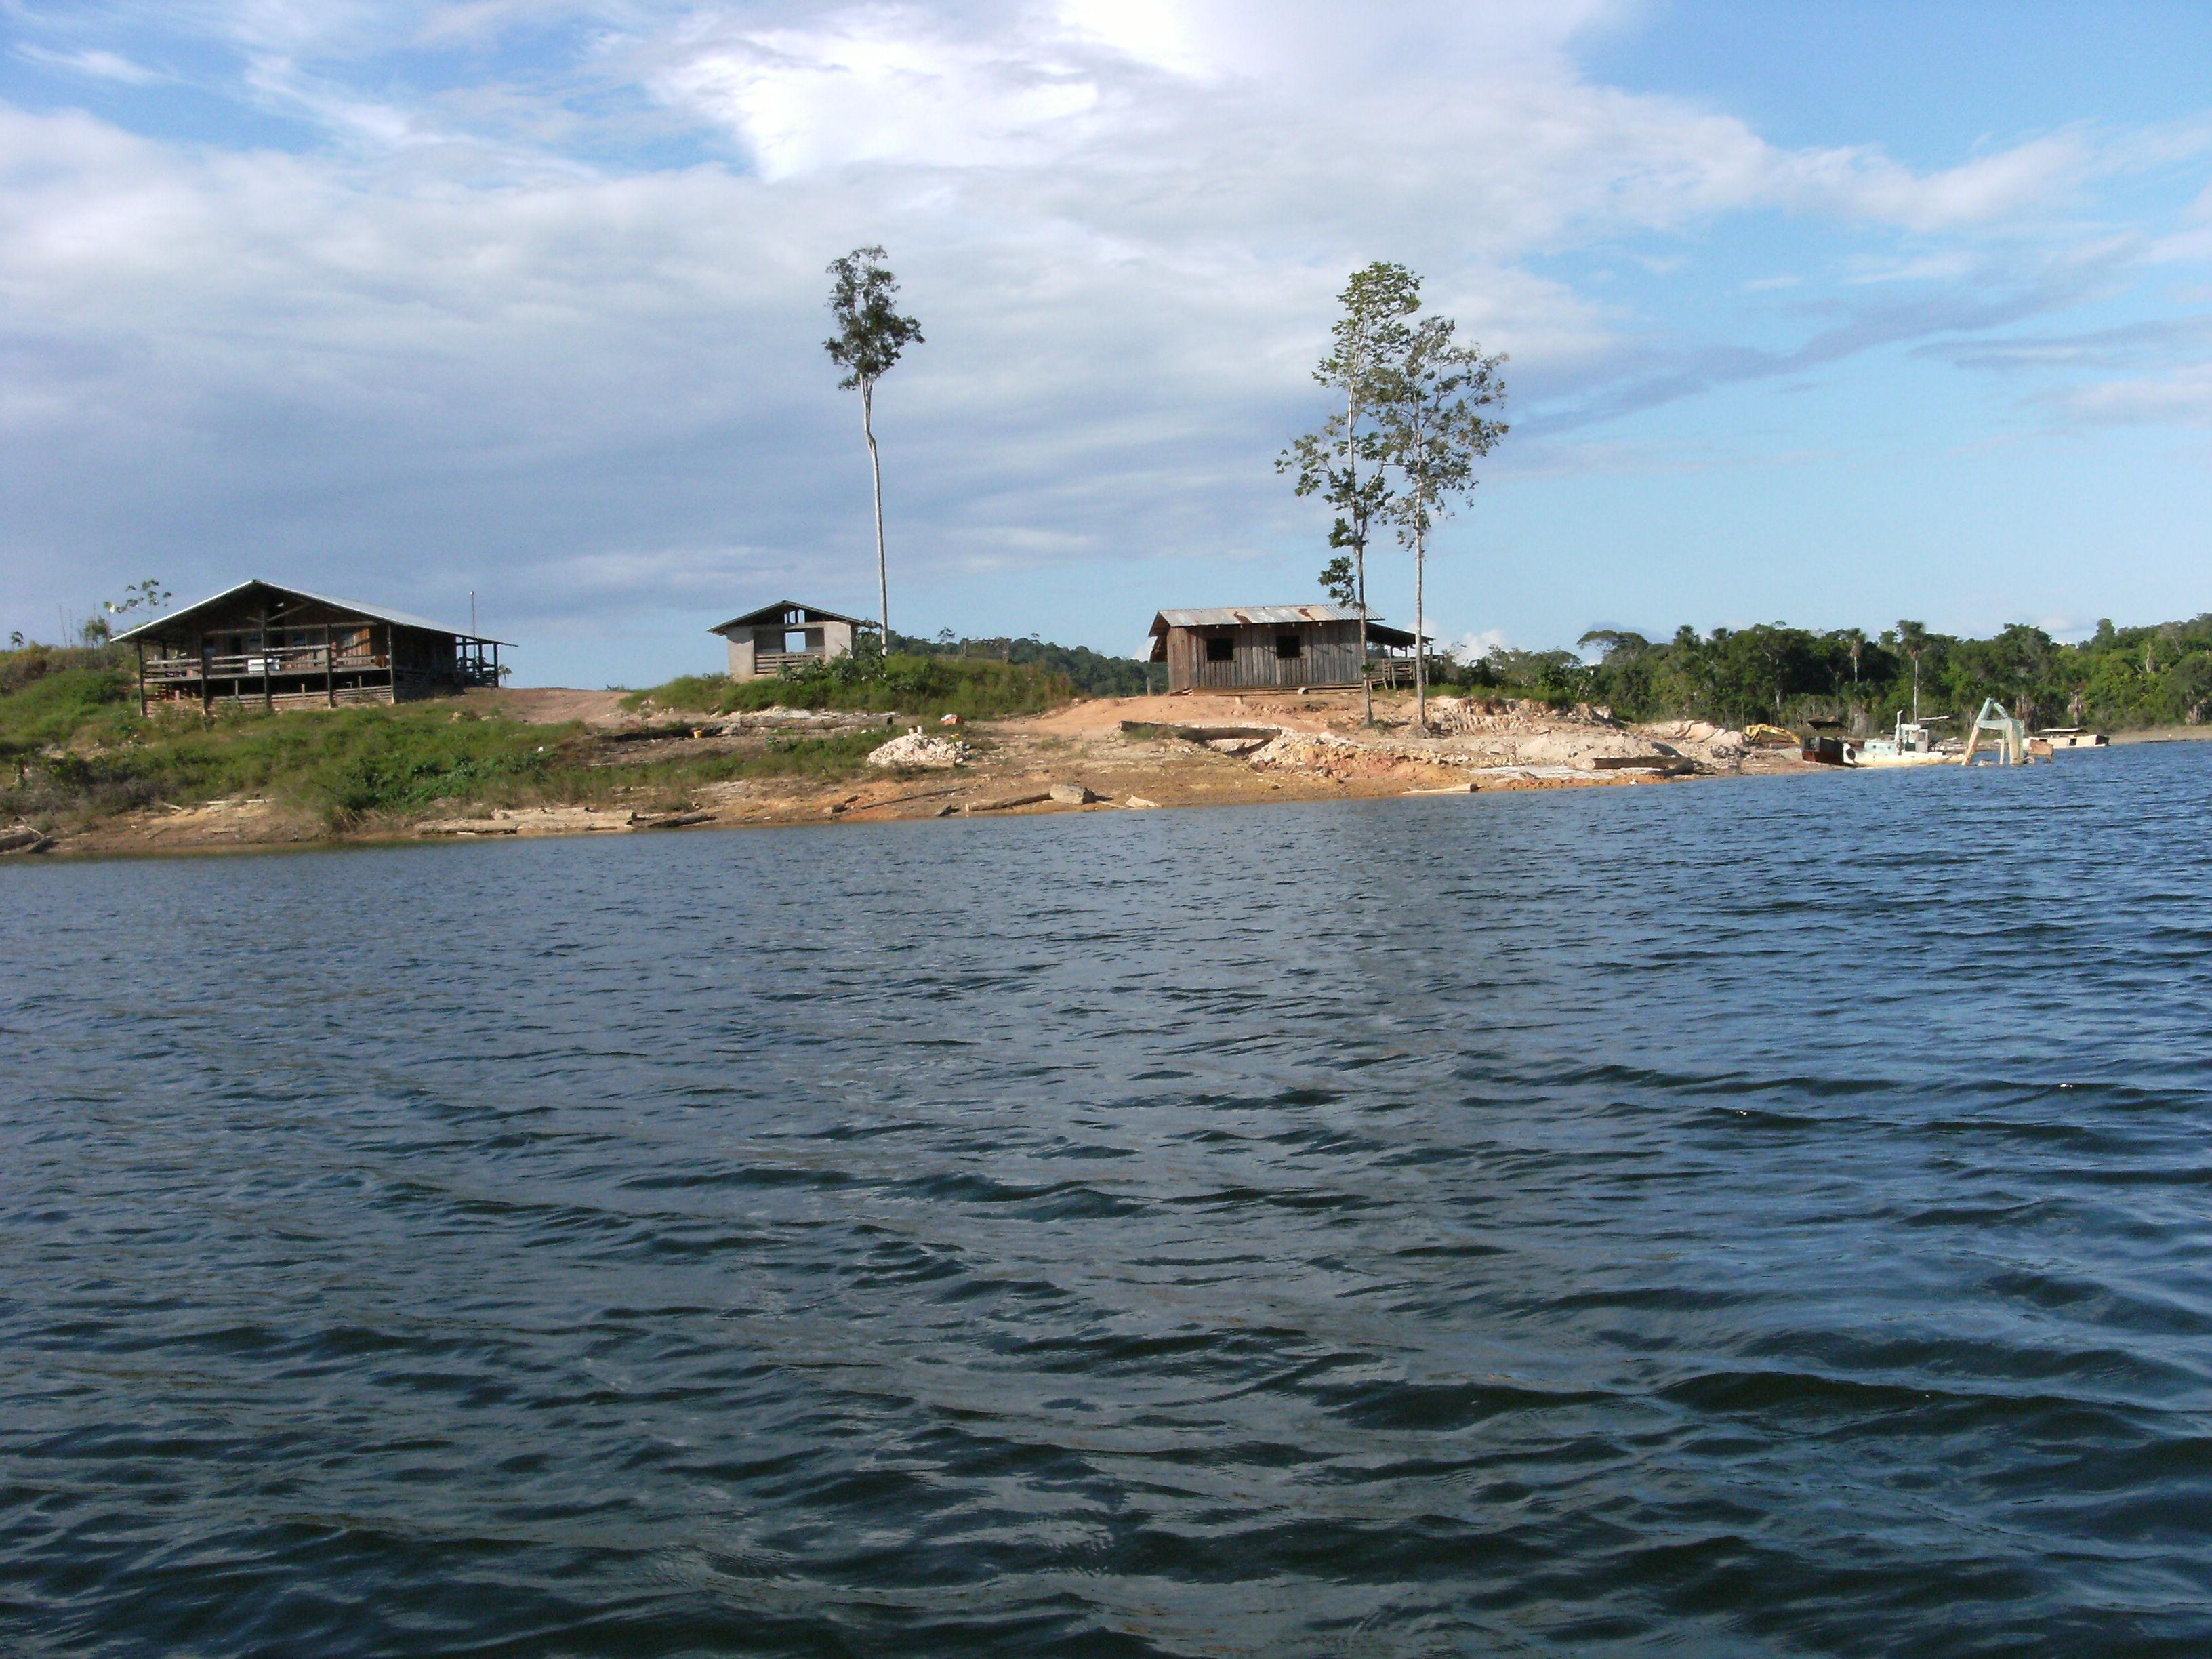 ناحیه بروکوپوندو